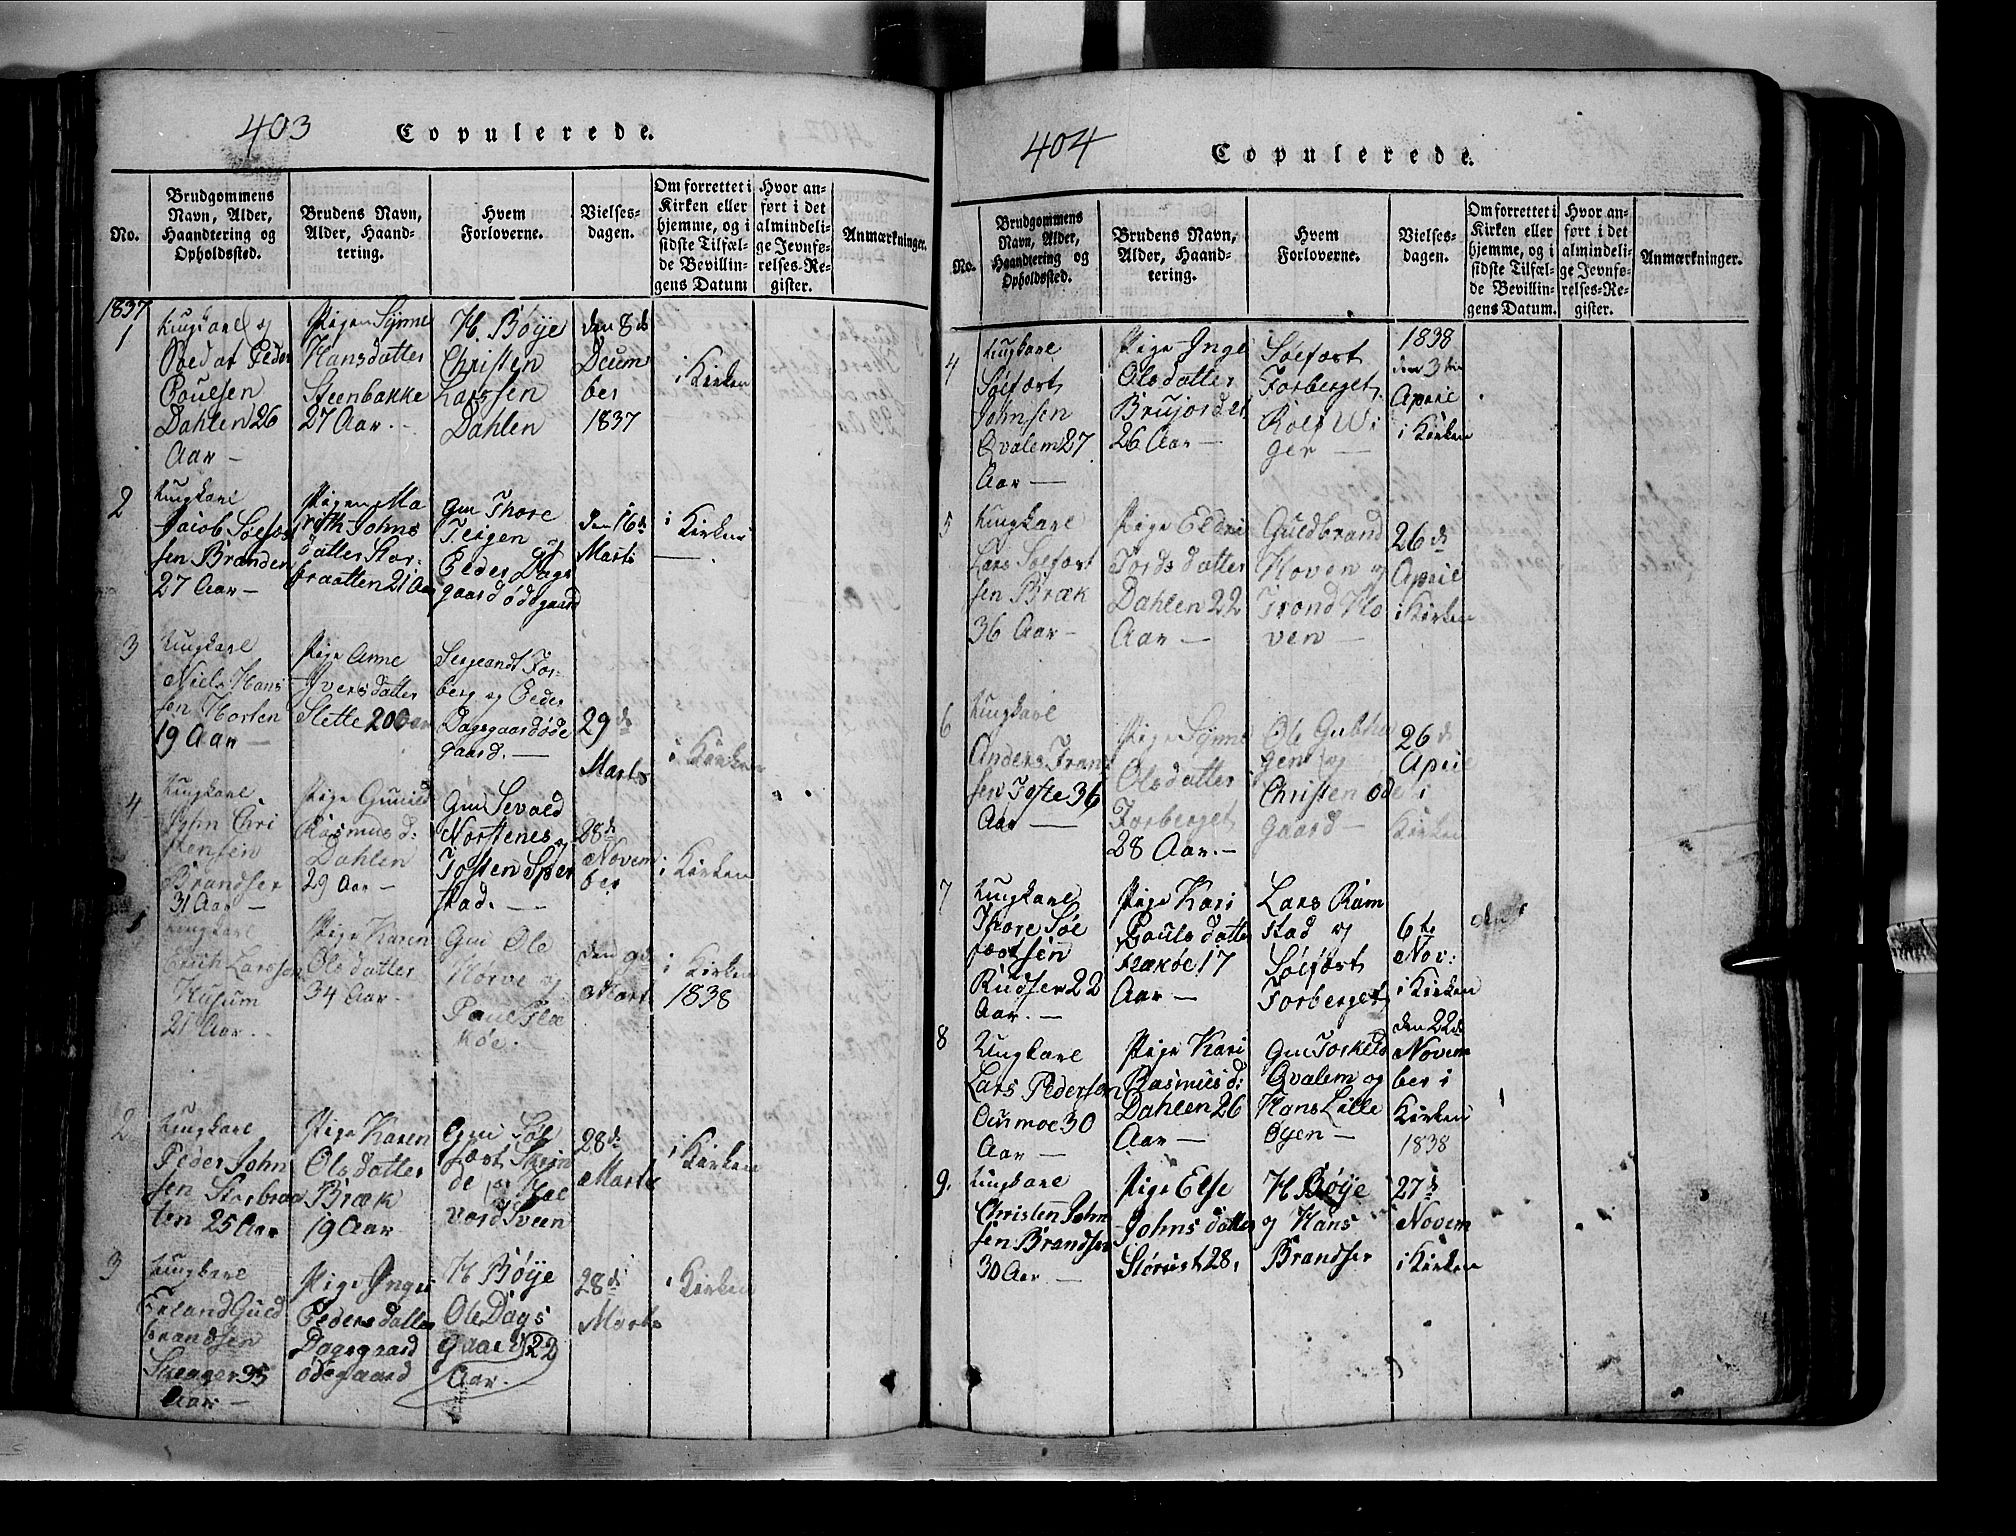 SAH, Lom prestekontor, L/L0003: Klokkerbok nr. 3, 1815-1844, s. 403-404